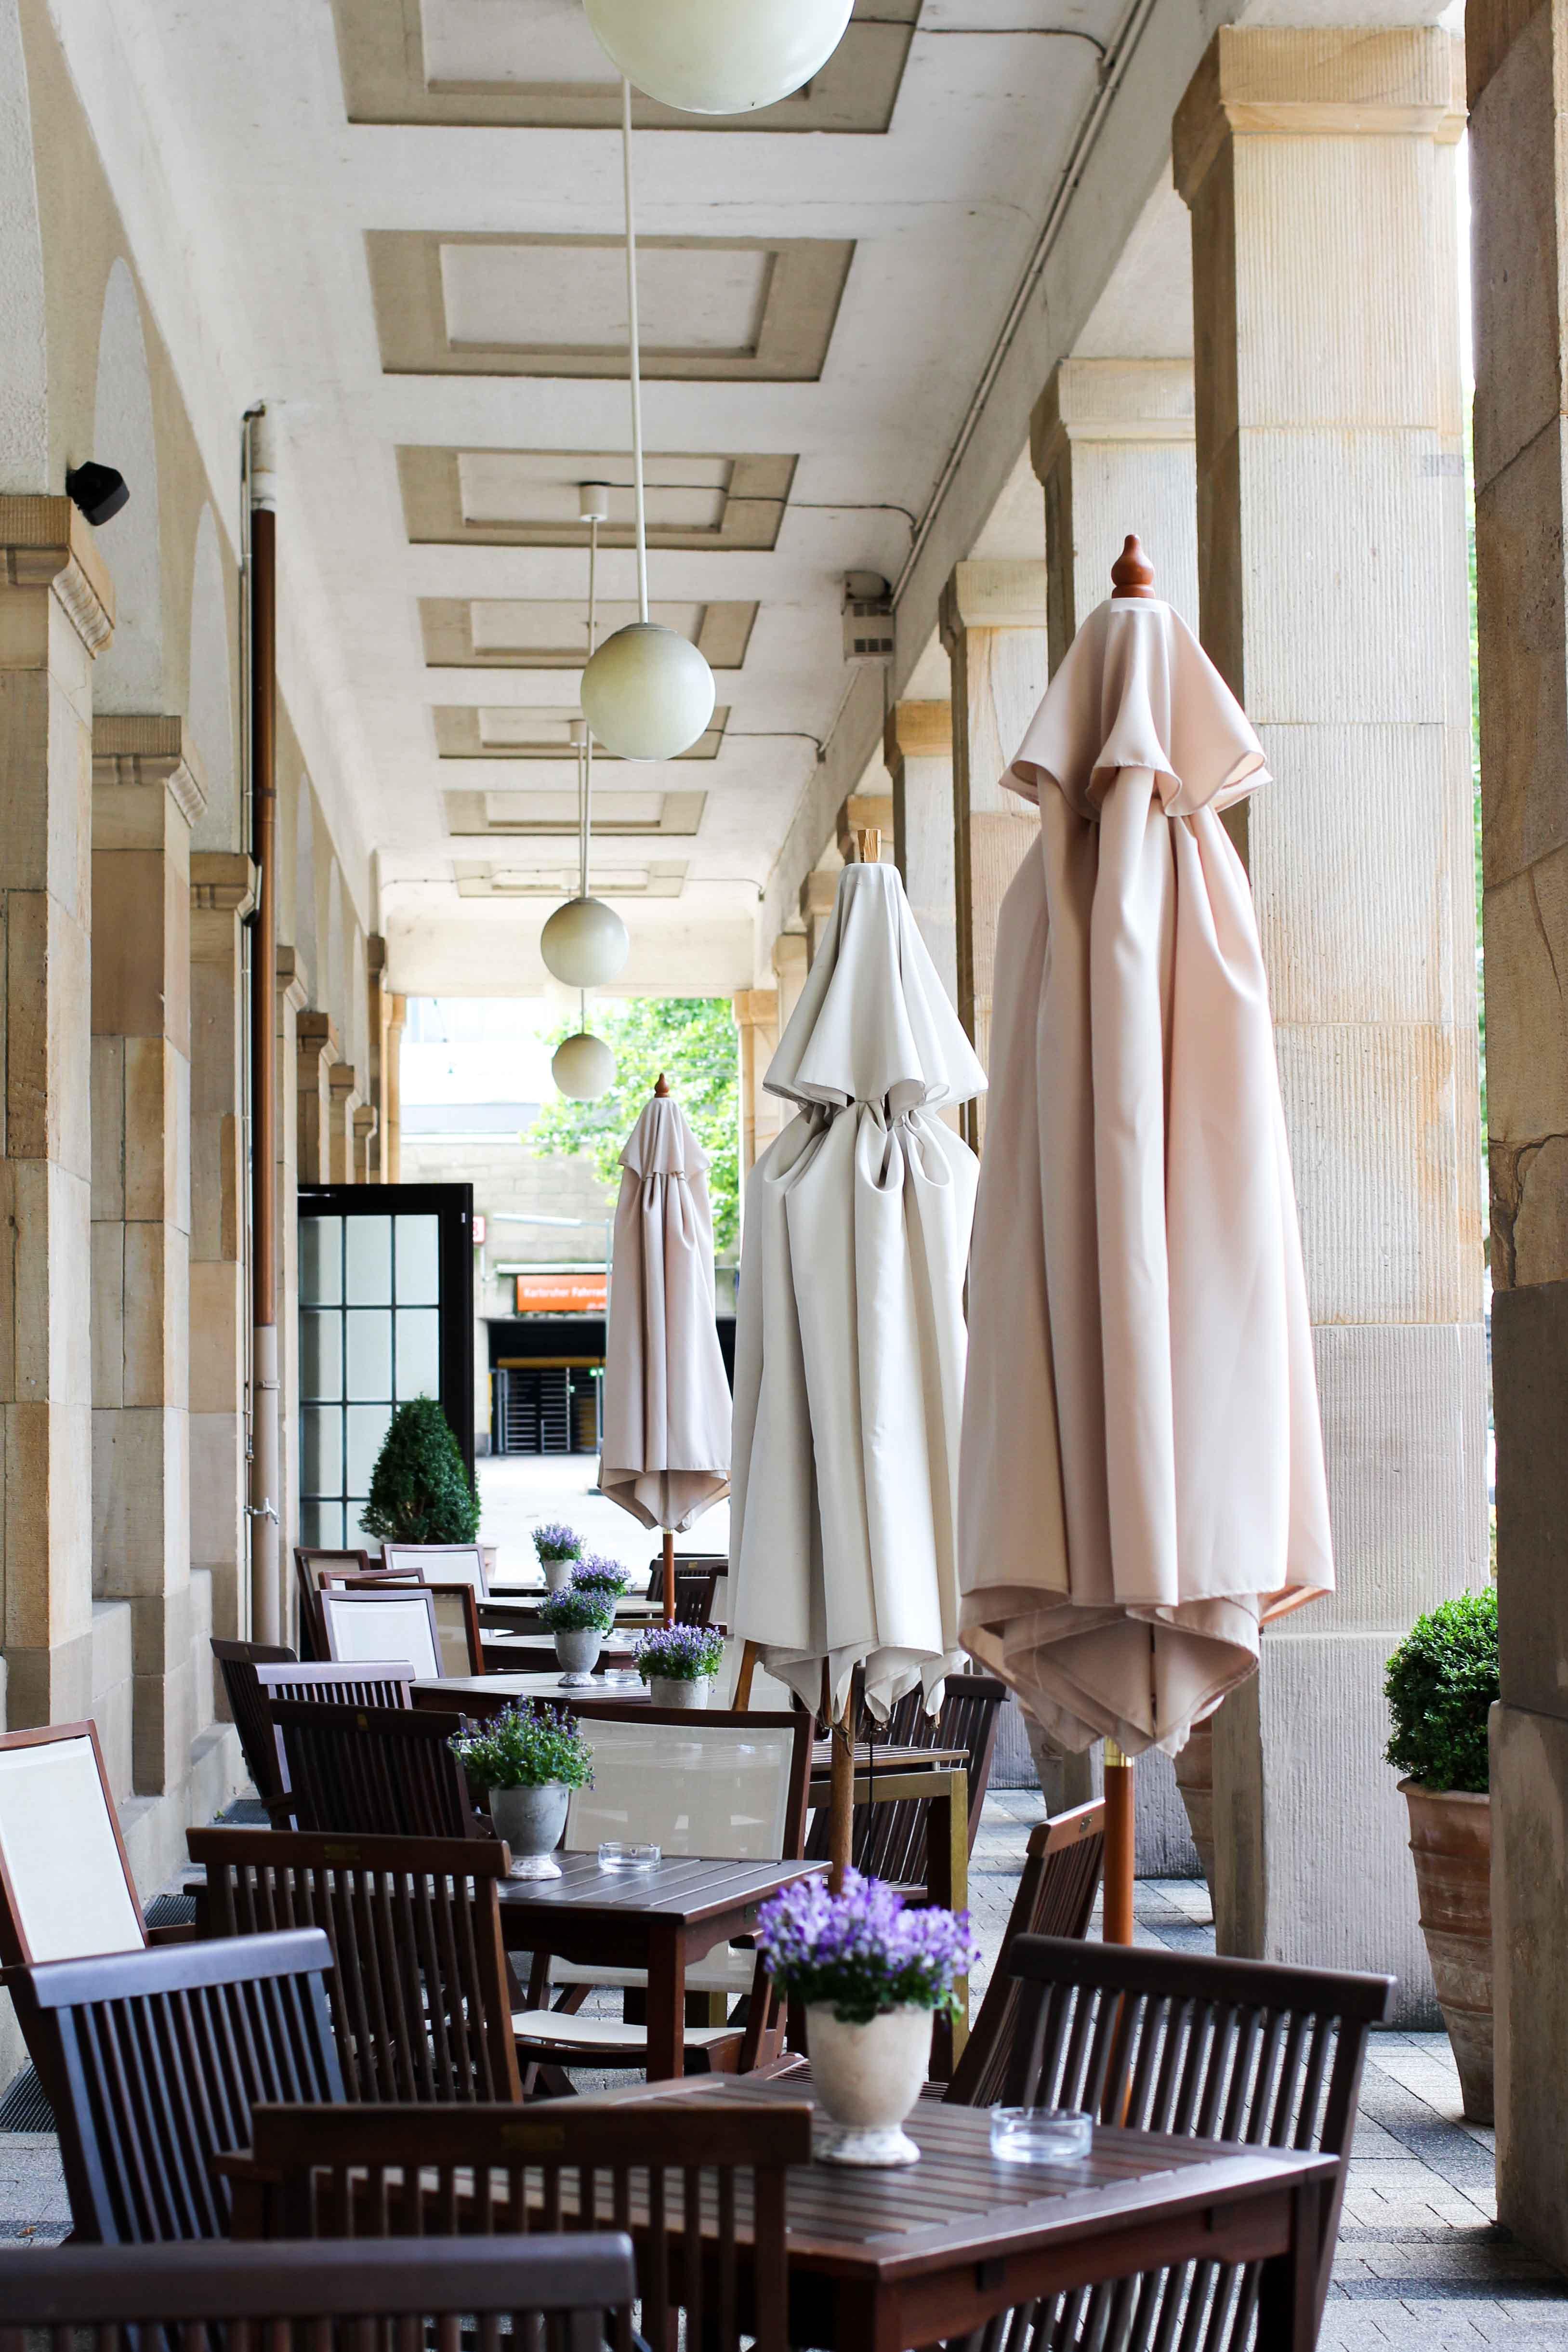 Schlosshotel Karlsruhe Terrasse Luxushotel Hotel Review Reiseblog Brinisfashionbook